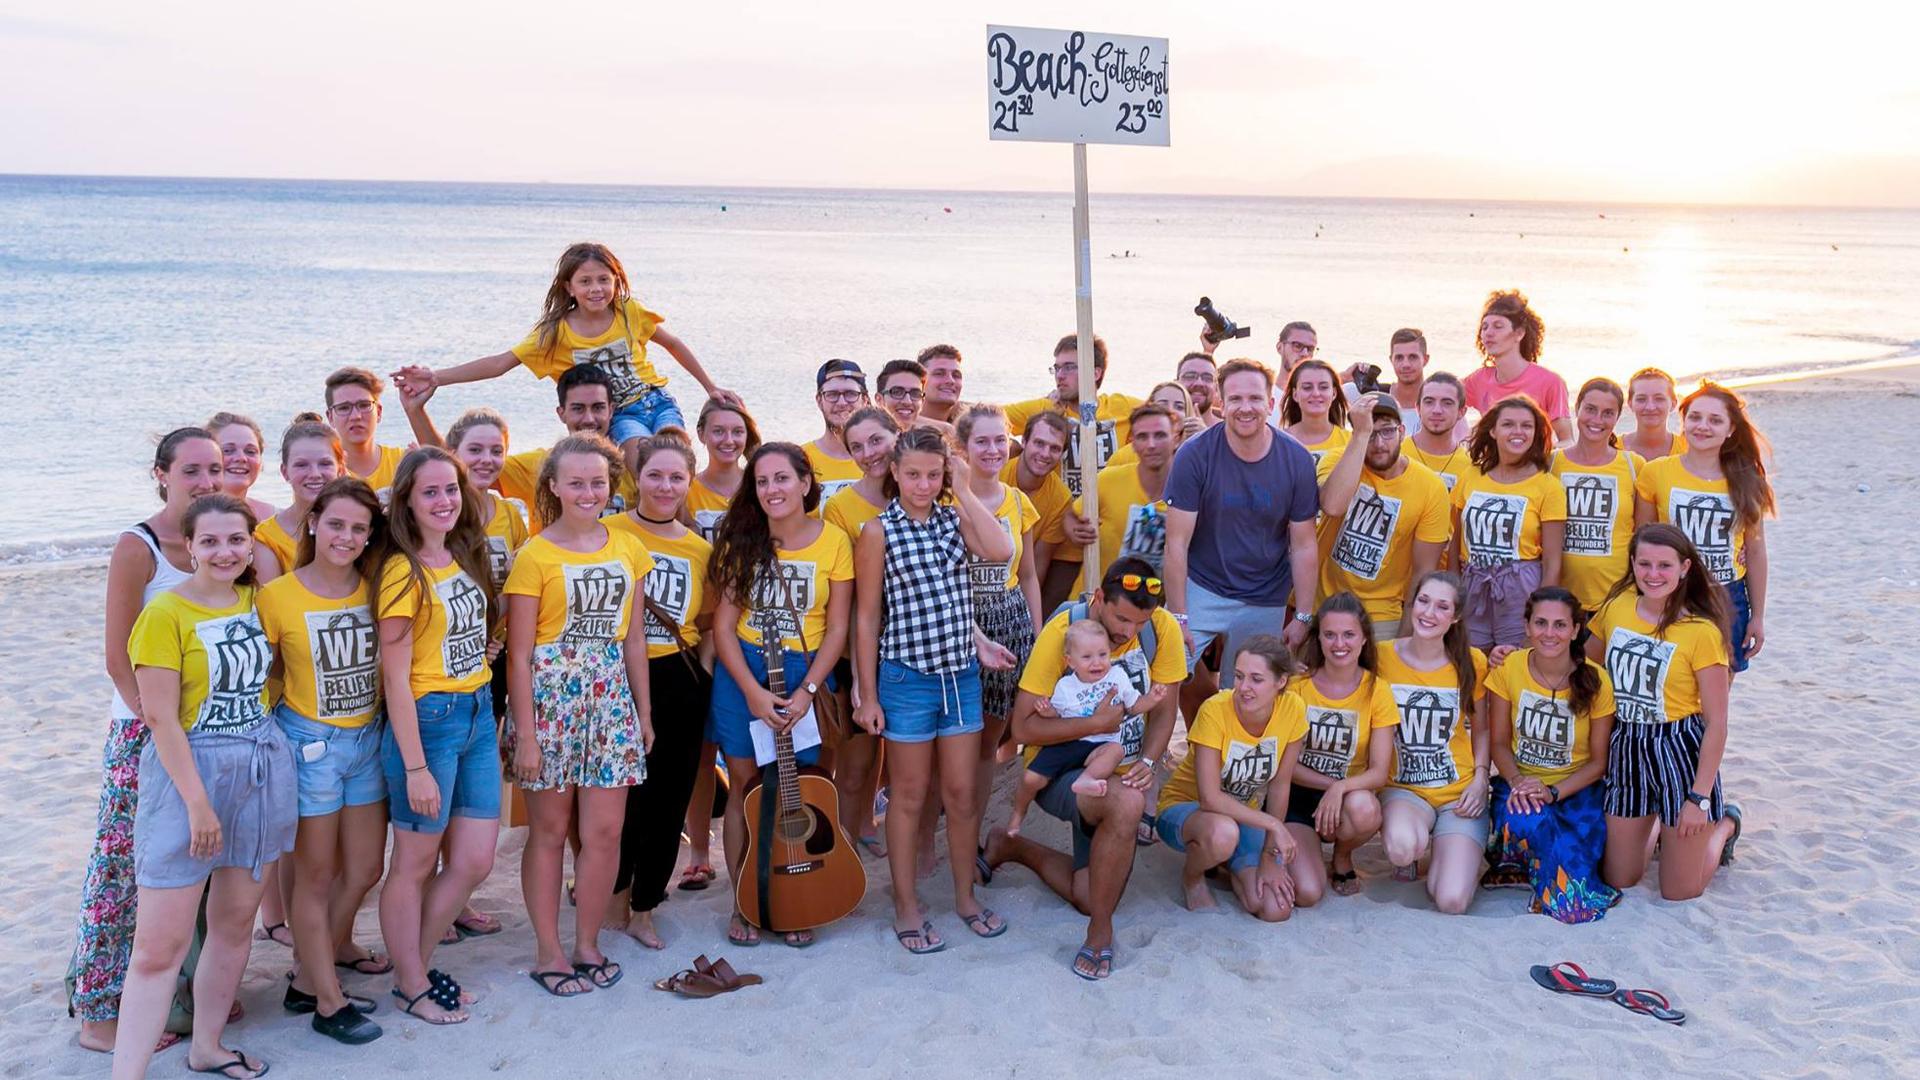 Die Jugendlichen sind für ihren missionarischen Einsatz nach Mallorca gereist